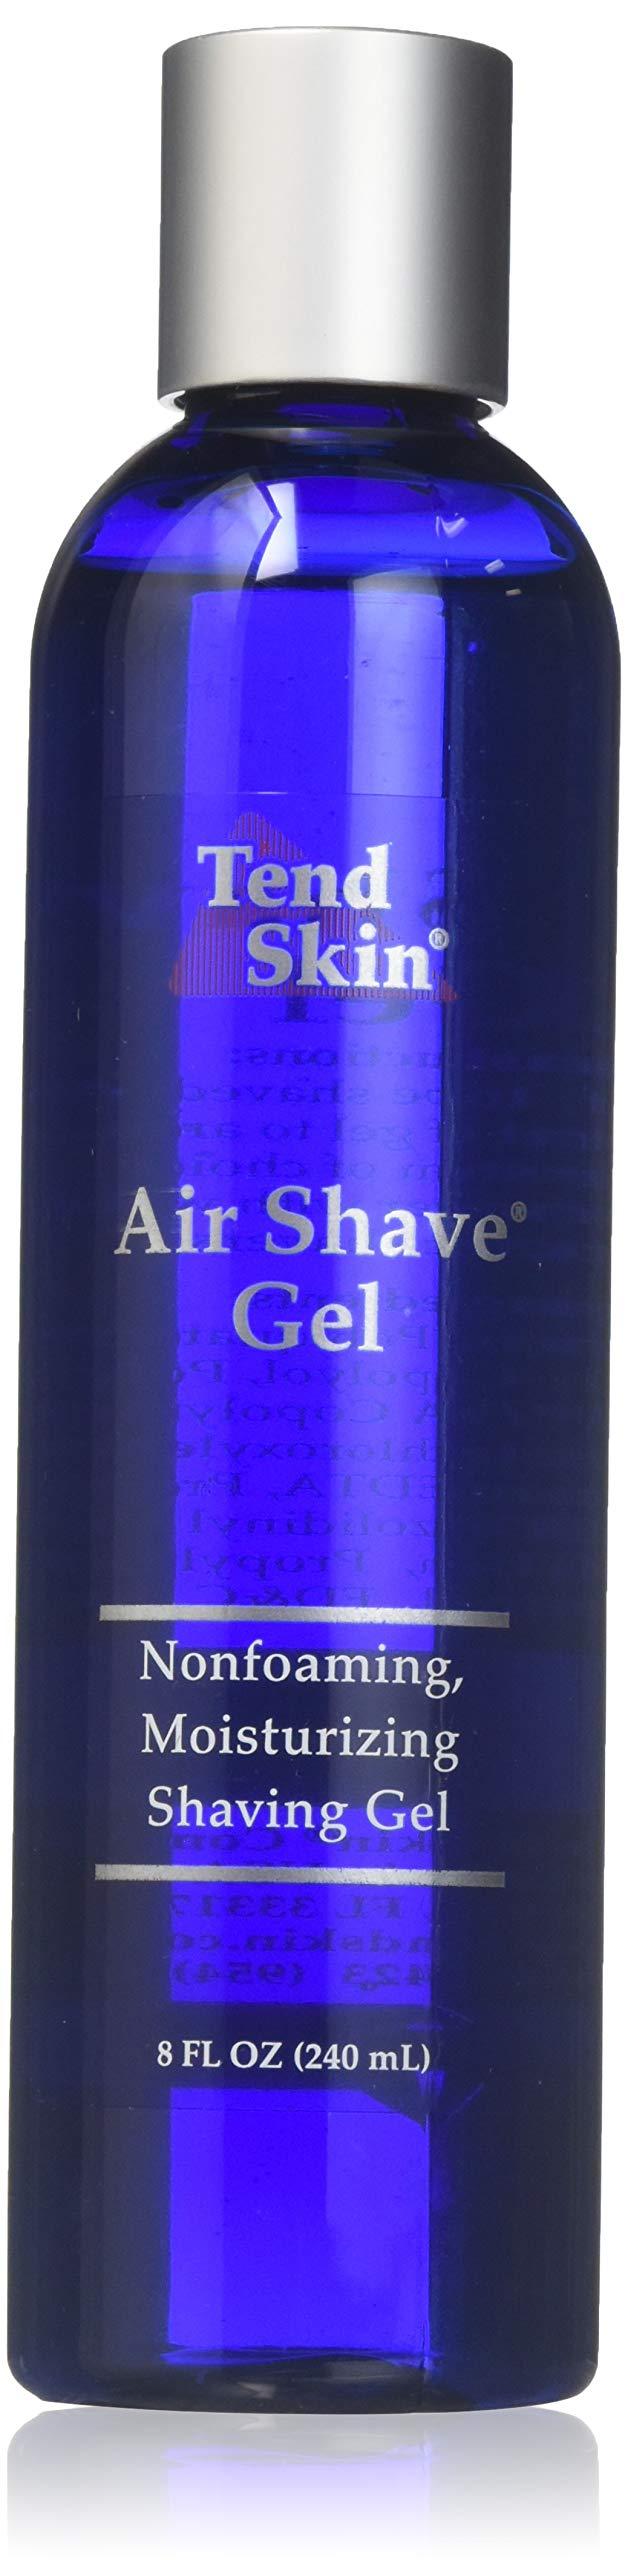 Tend Skin Air Shave Gel 8 oz (Pack of 2)